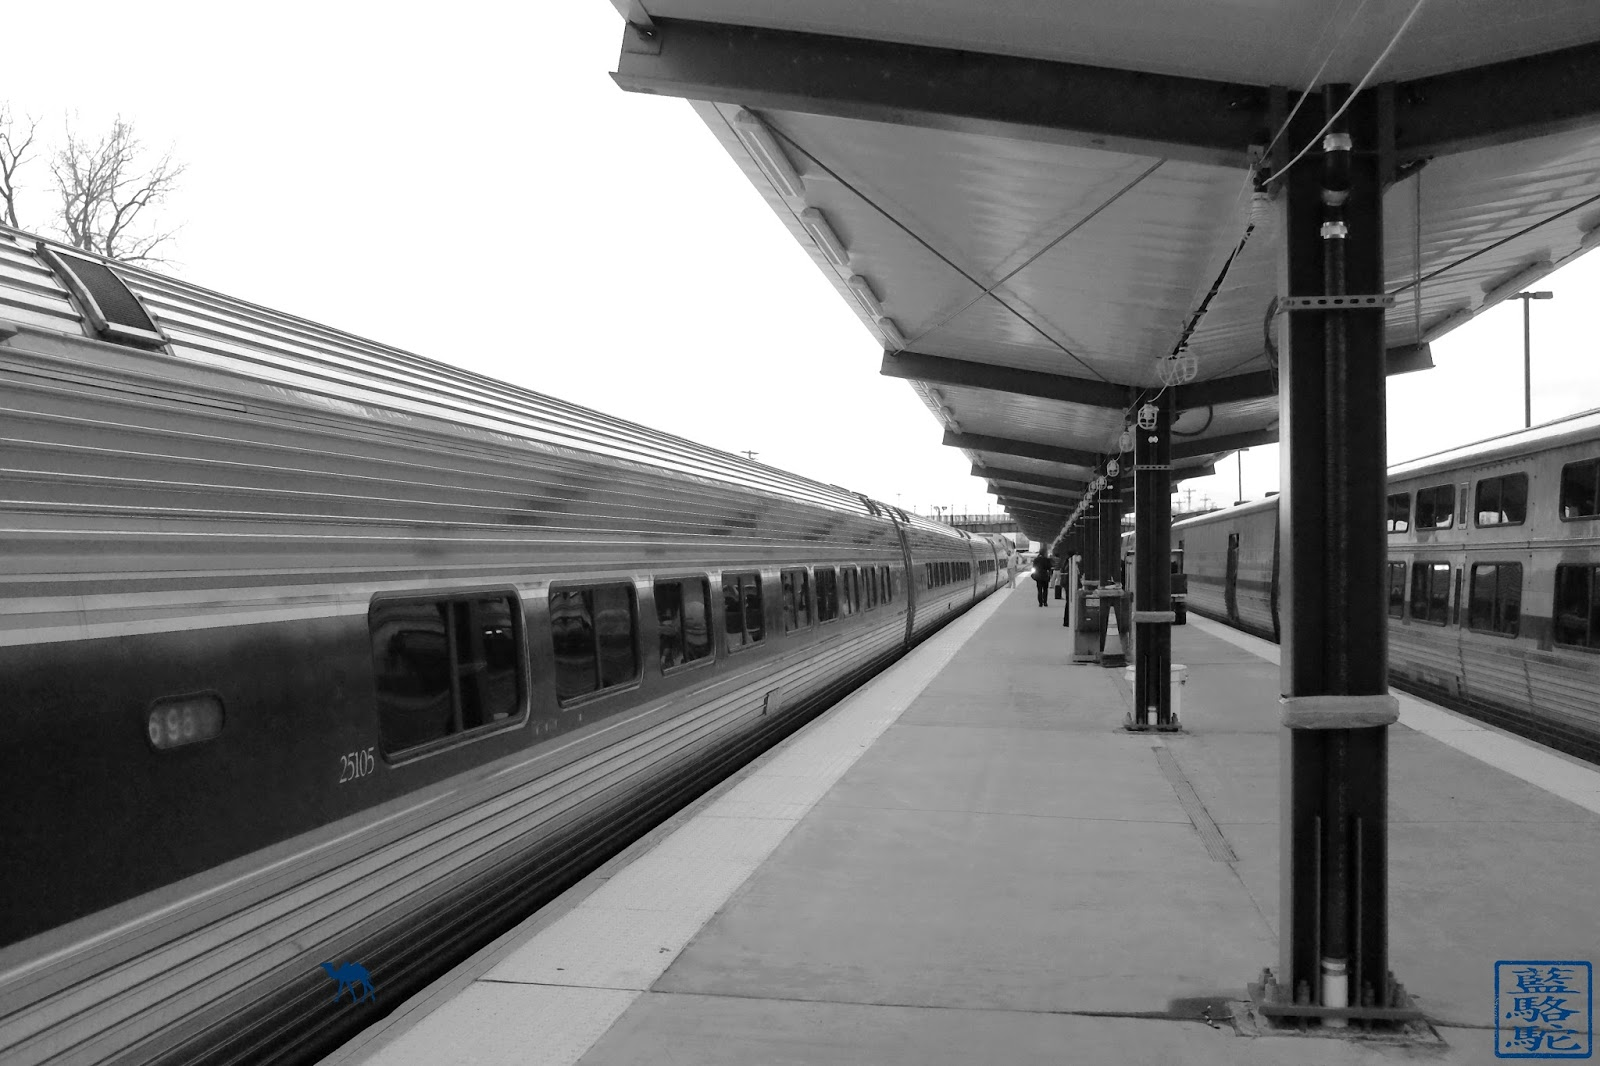 Le Chameau Bleu - Train pour Chicago à Quai depuis New York - Amtrak